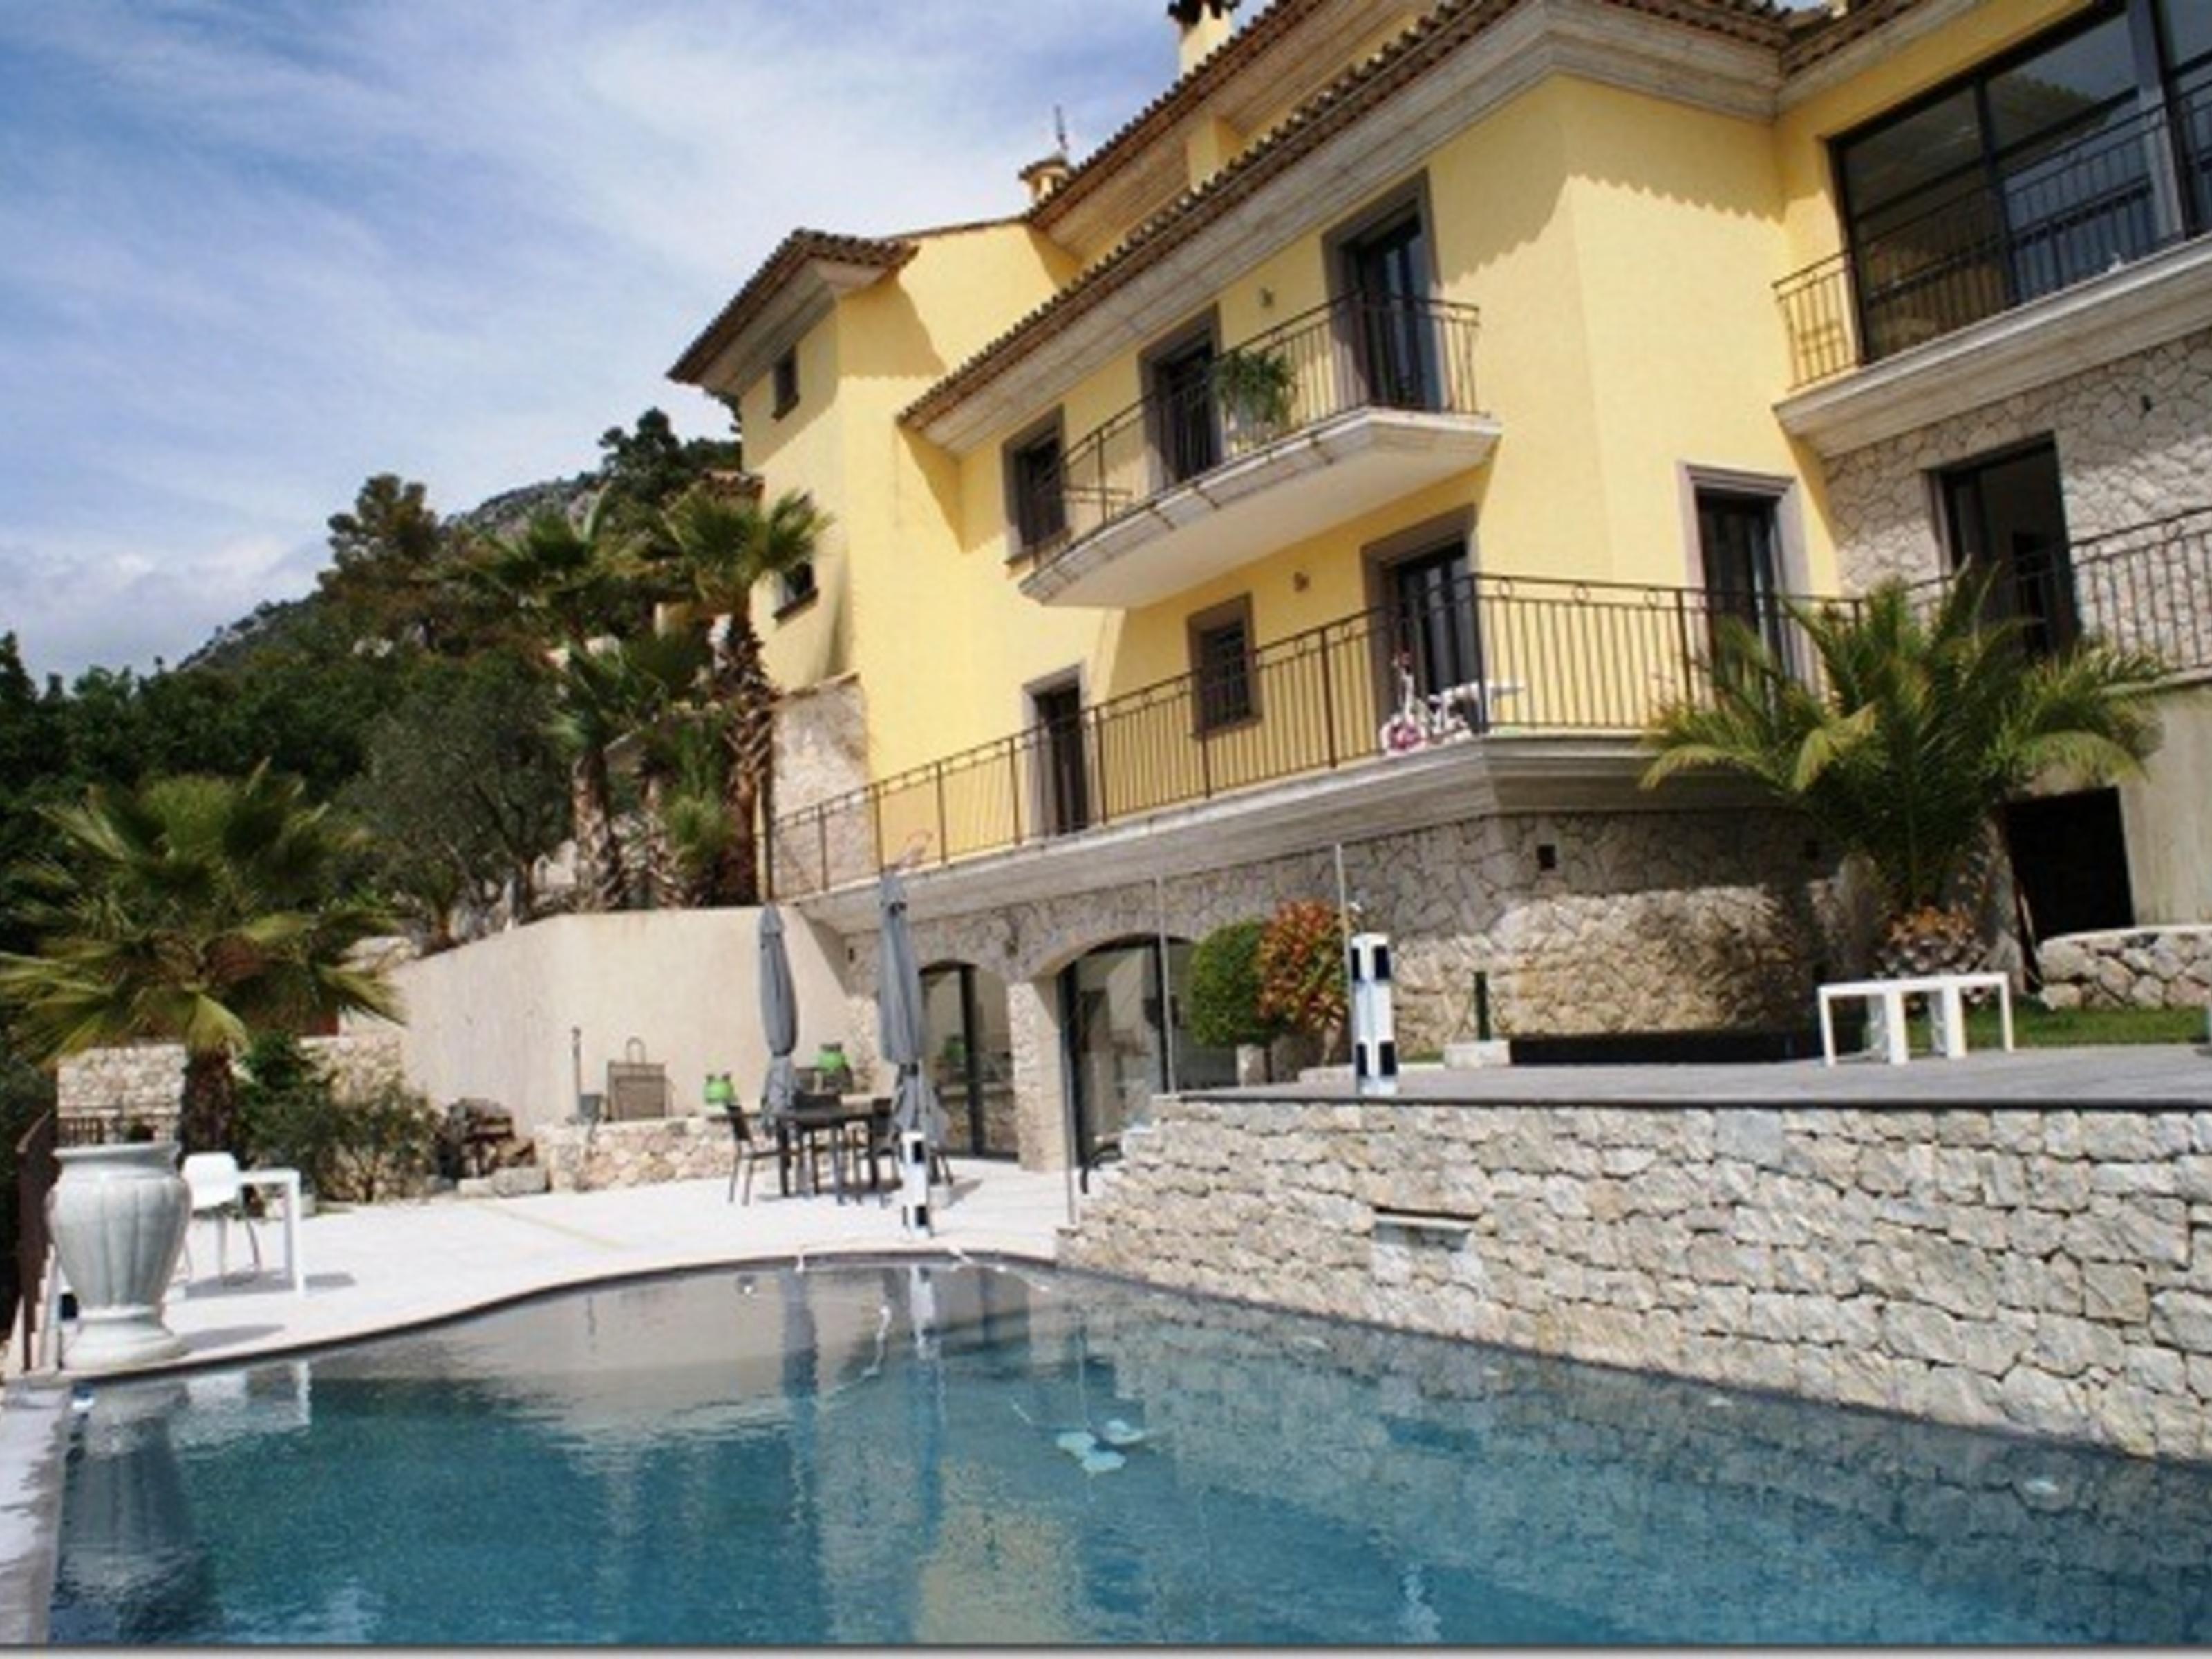 Частный односемейный дом для того Продажа на Countryside Property in Castagnier Other Provence-Alpes-Cote D'Azur, Прованс-Альпы-Лазурный Берег 06000 Франция